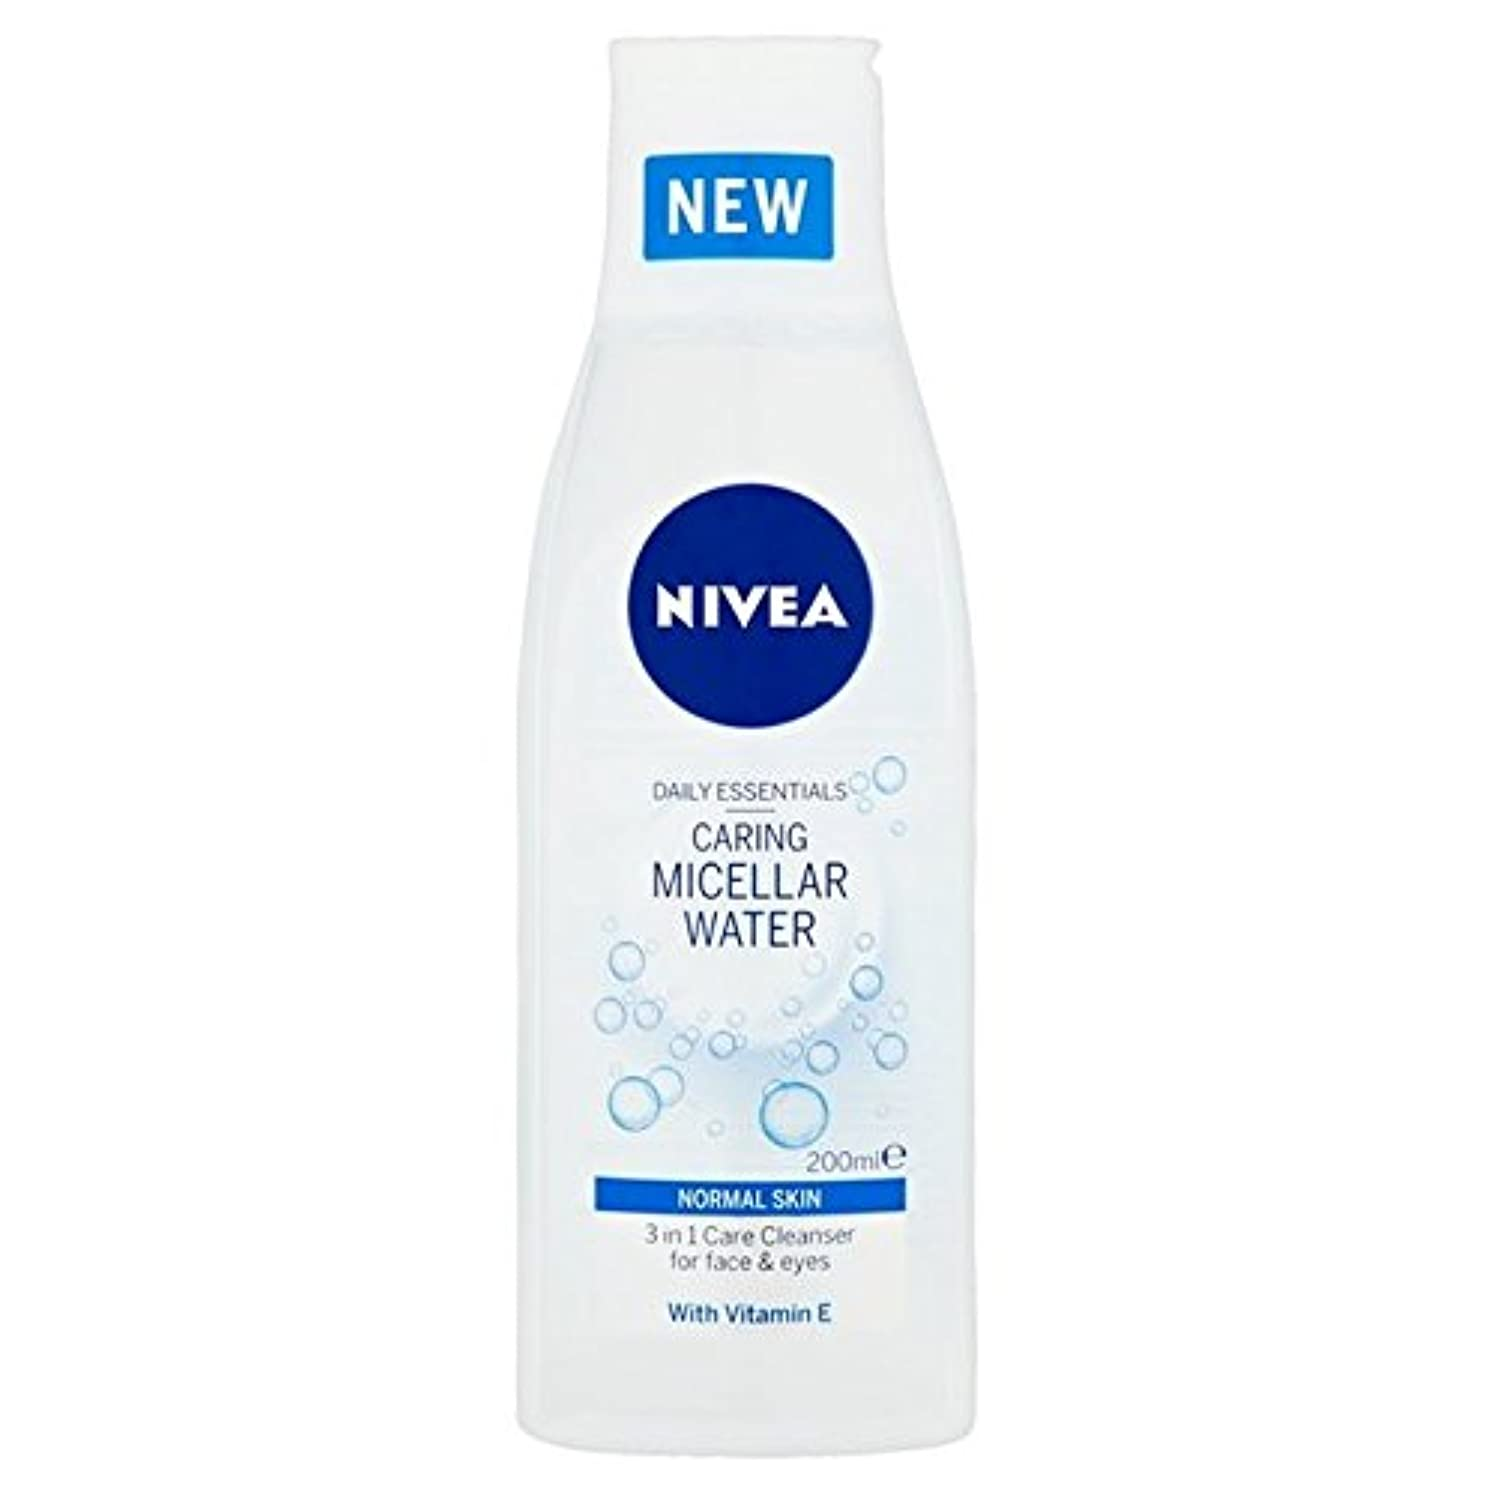 タウポ湖ライバル不調和1つの敏感な思いやりのあるミセル水の正常な皮膚の200ミリリットルでニベア3 x4 - Nivea 3 in 1 Sensitive Caring Micellar Water Normal Skin 200ml (Pack...